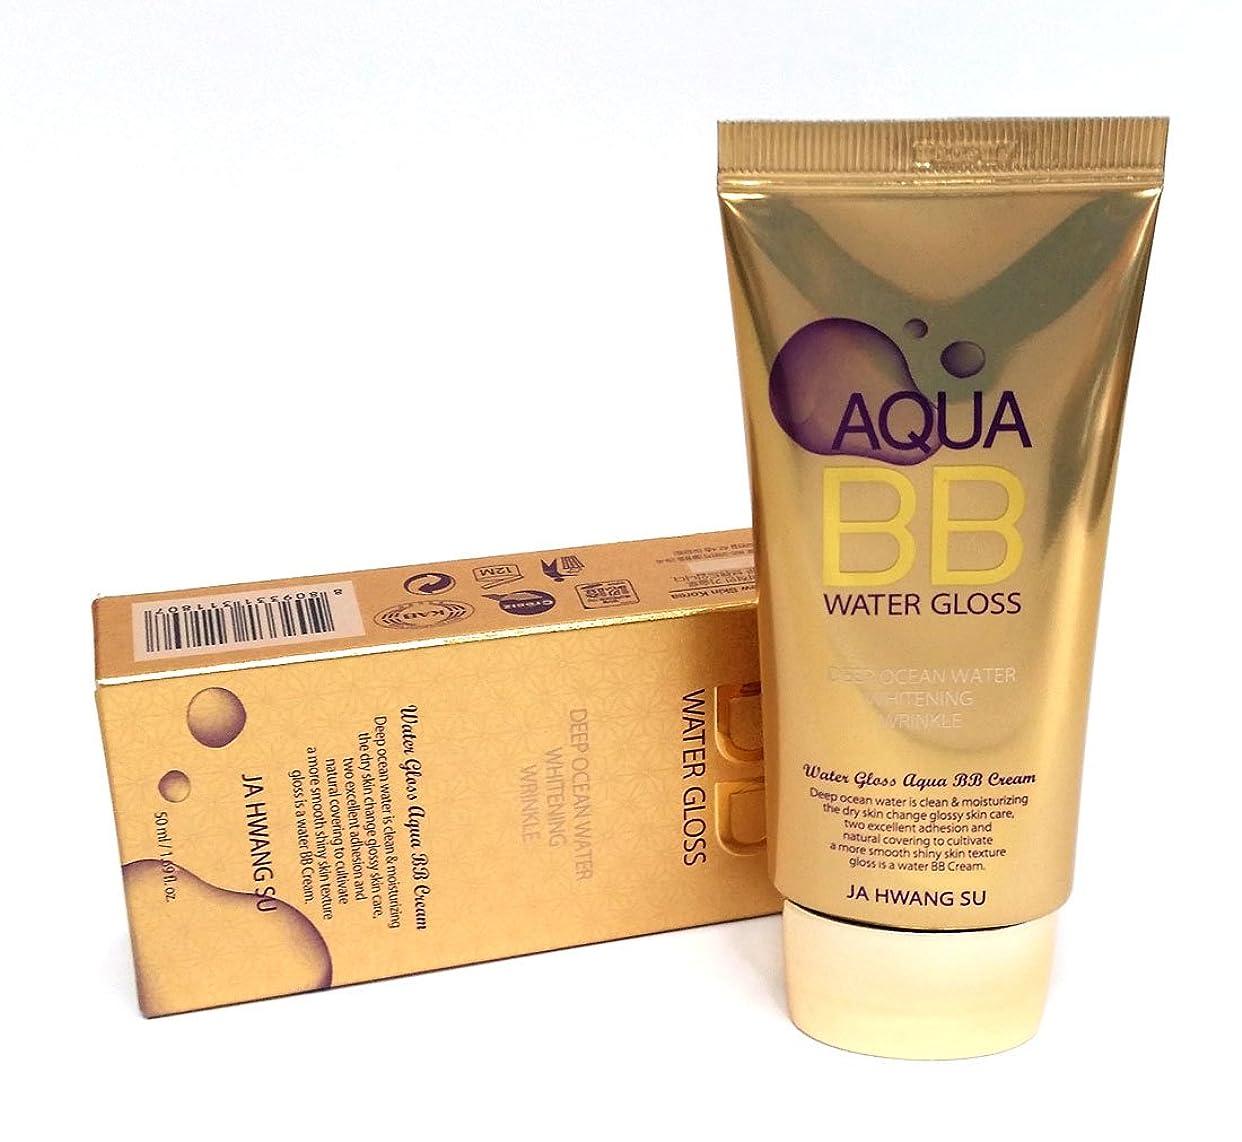 徹底航空会社通知[Ja Hwang Su] アクアウォーターグロスBBクリーム50ml / Aqua Water Gloss BB Cream 50ml / 美白、しわ / whitening, wrinkle / 韓国化粧品 / Korean Cosmetics [並行輸入品]